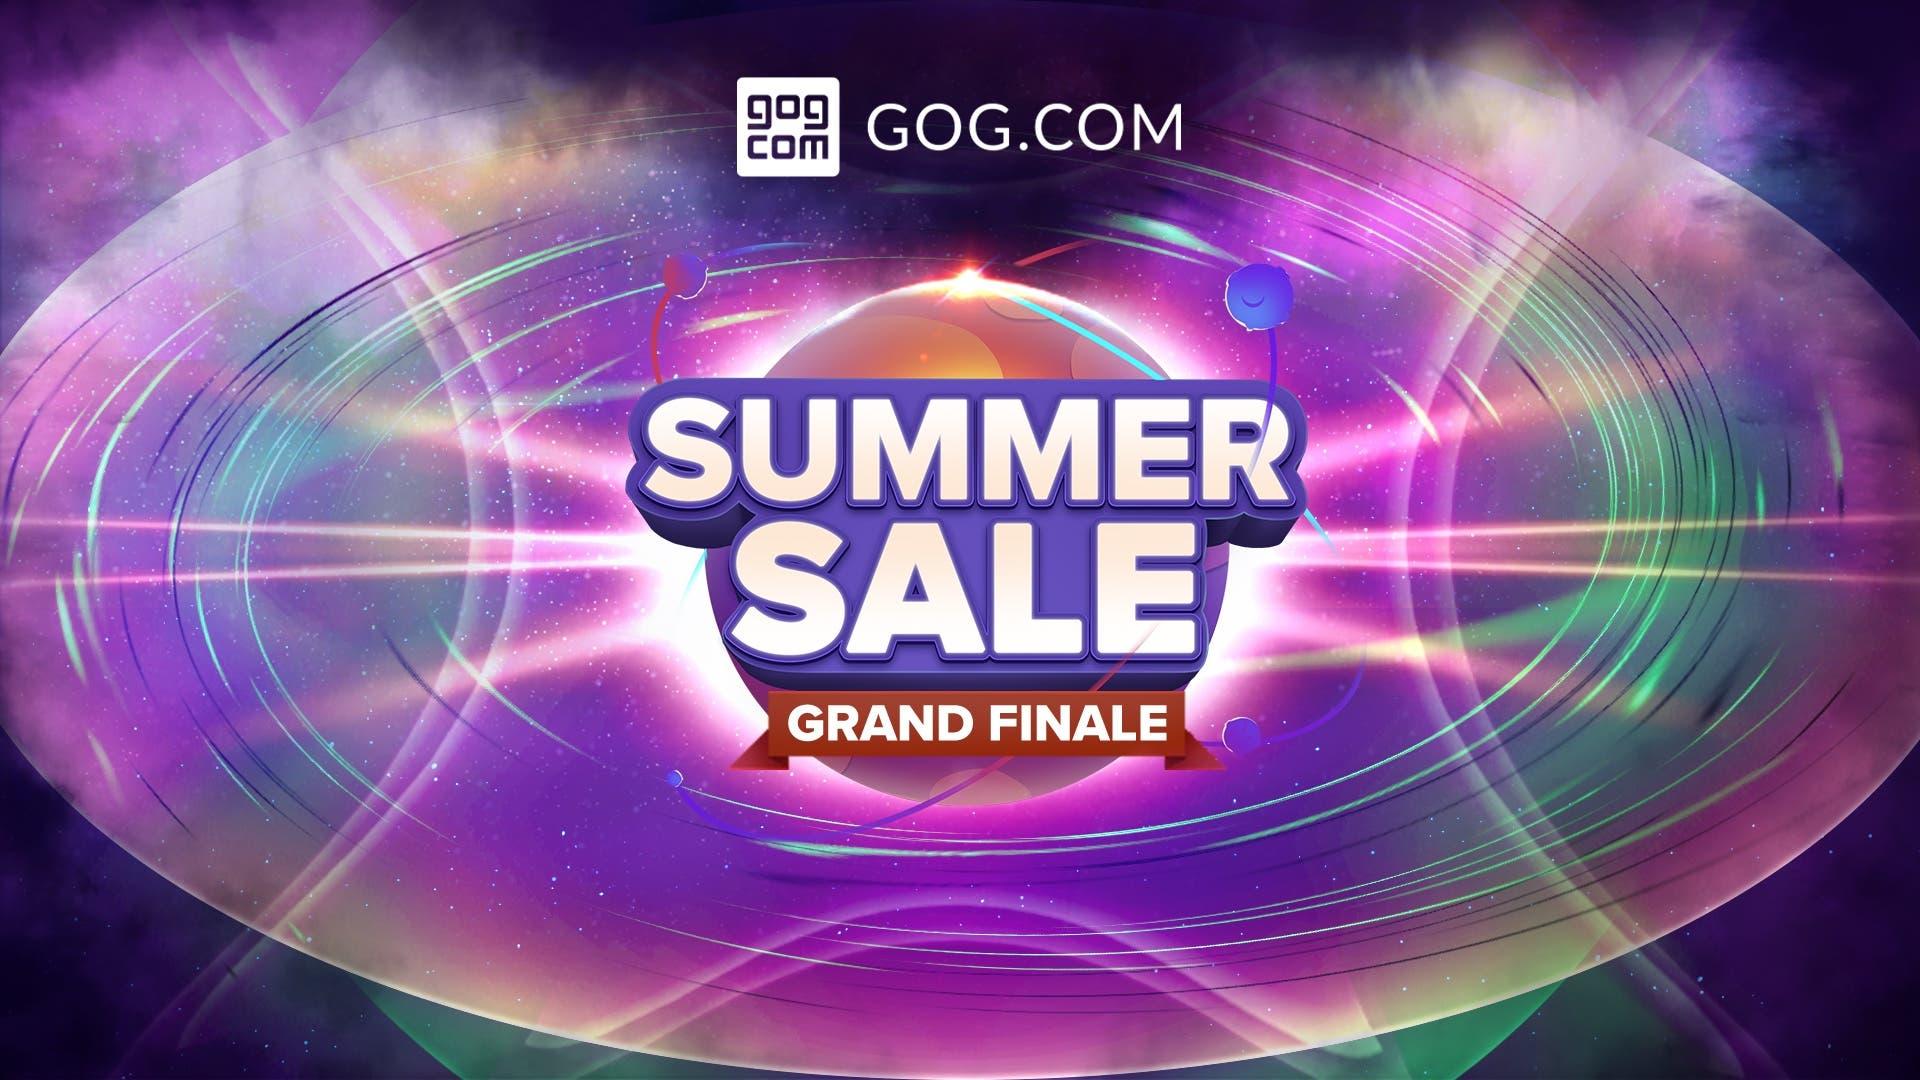 GOG Summer Sale Finale